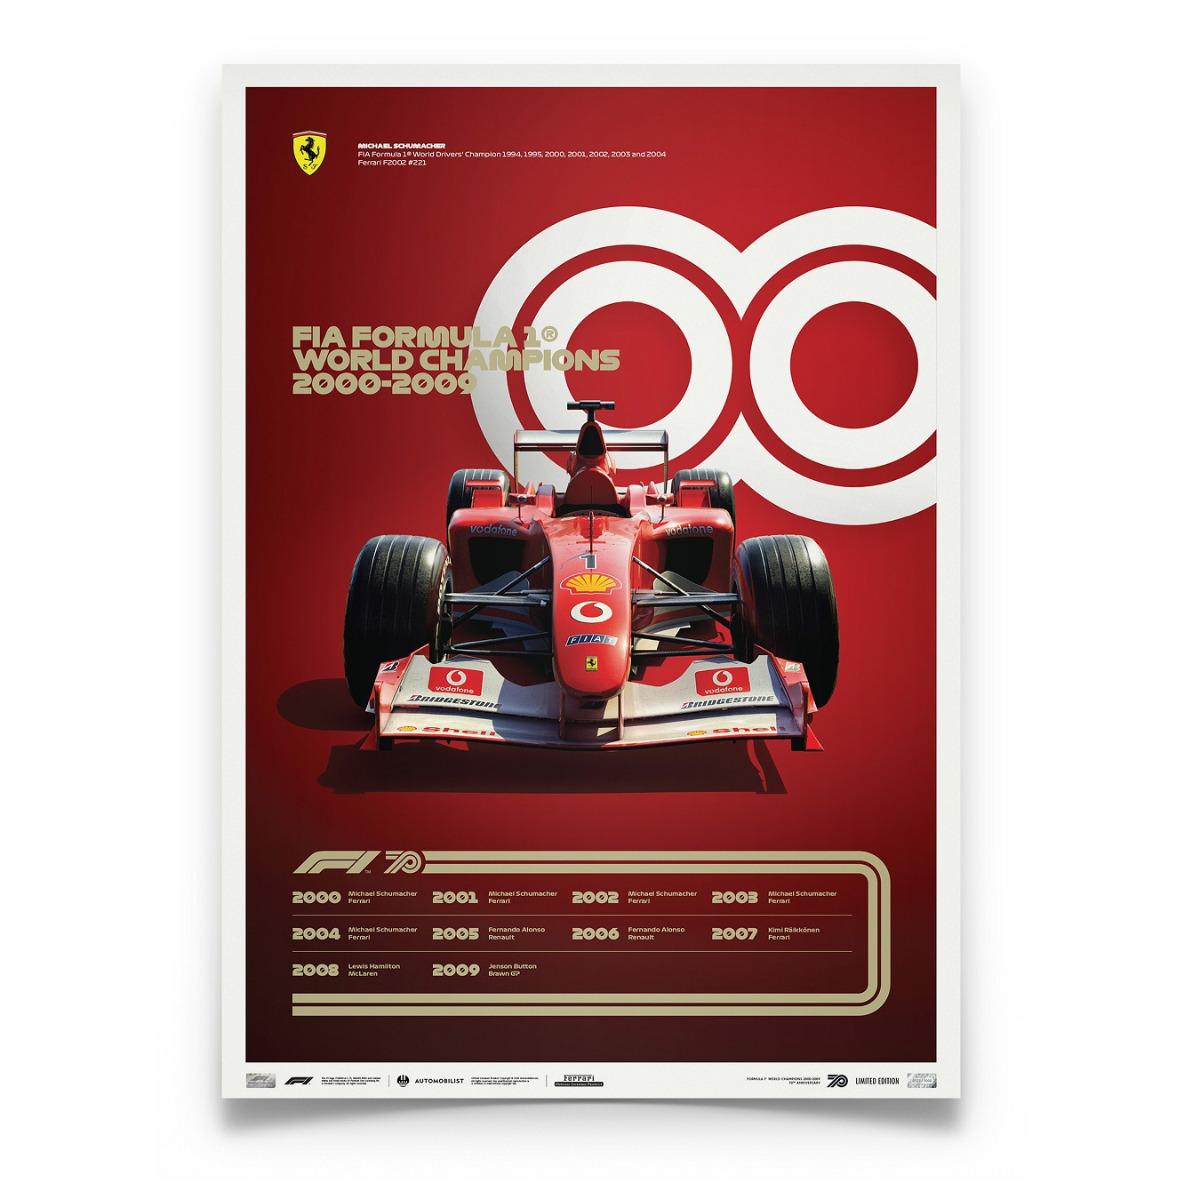 FORMULA 1® DECADES - 2000s Ferrari